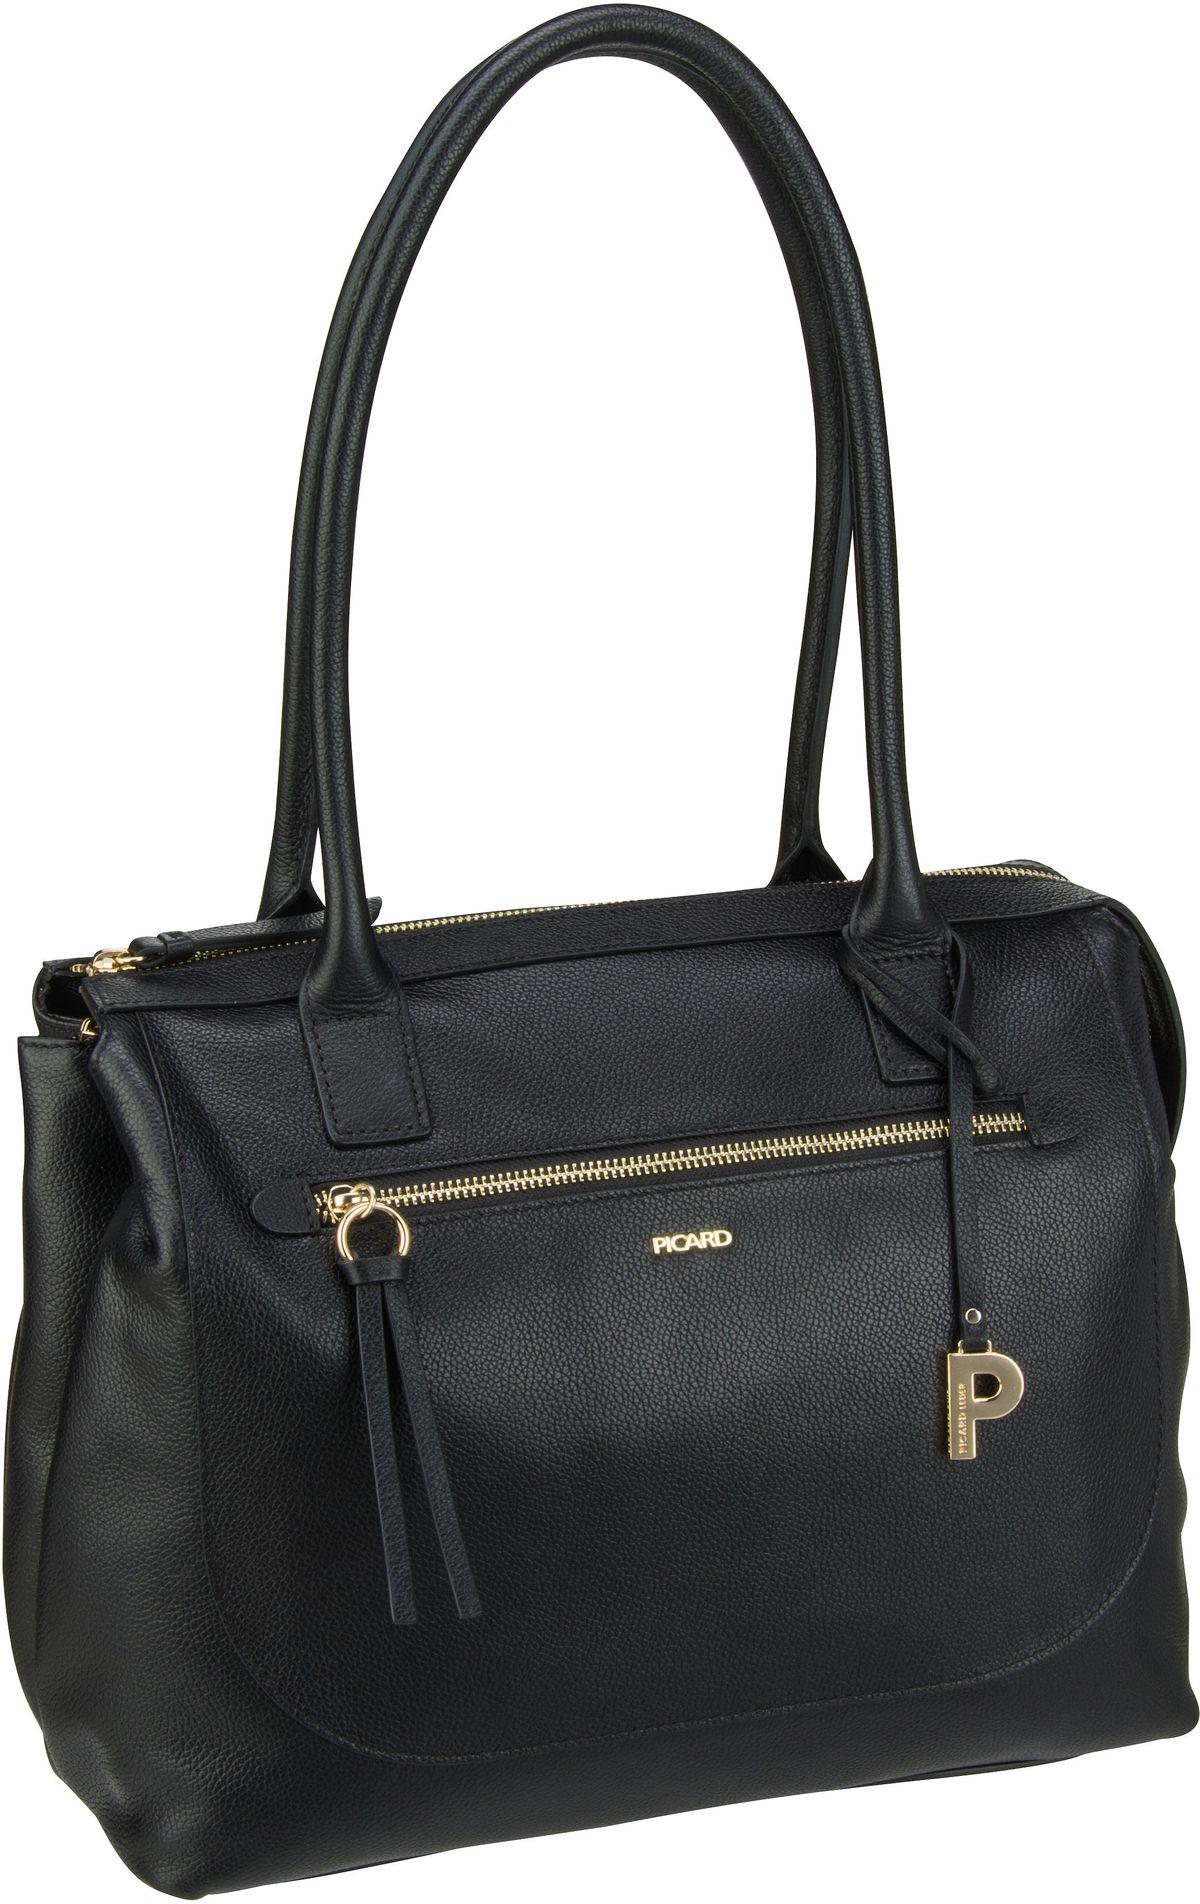 Handtasche Fengshui 9377 Schwarz